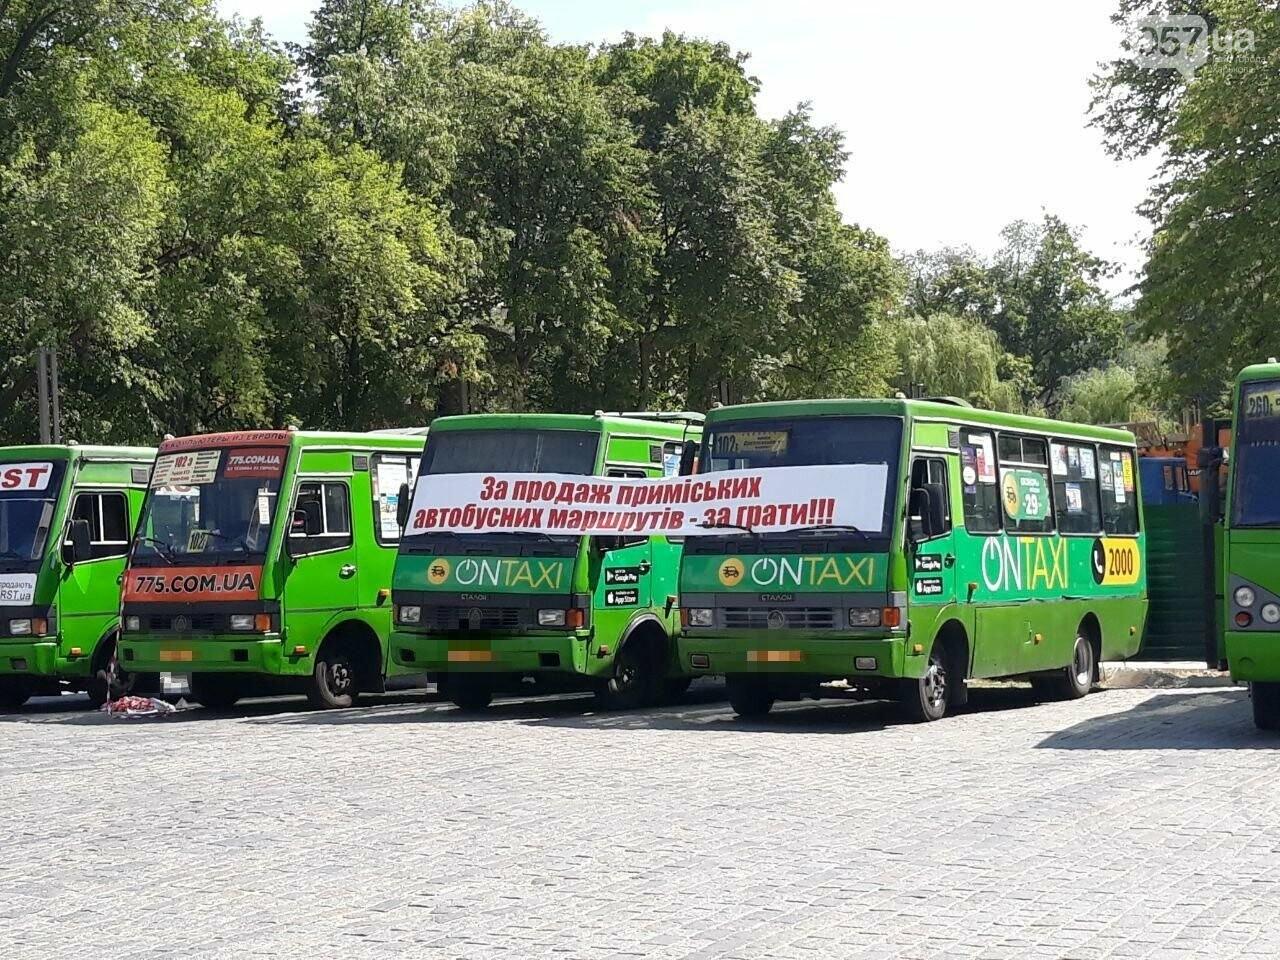 «Долой коррупцию»: в Харькове протестовали сотрудники самого крупного пассажирского перевозчика в области, - ФОТО, фото-9